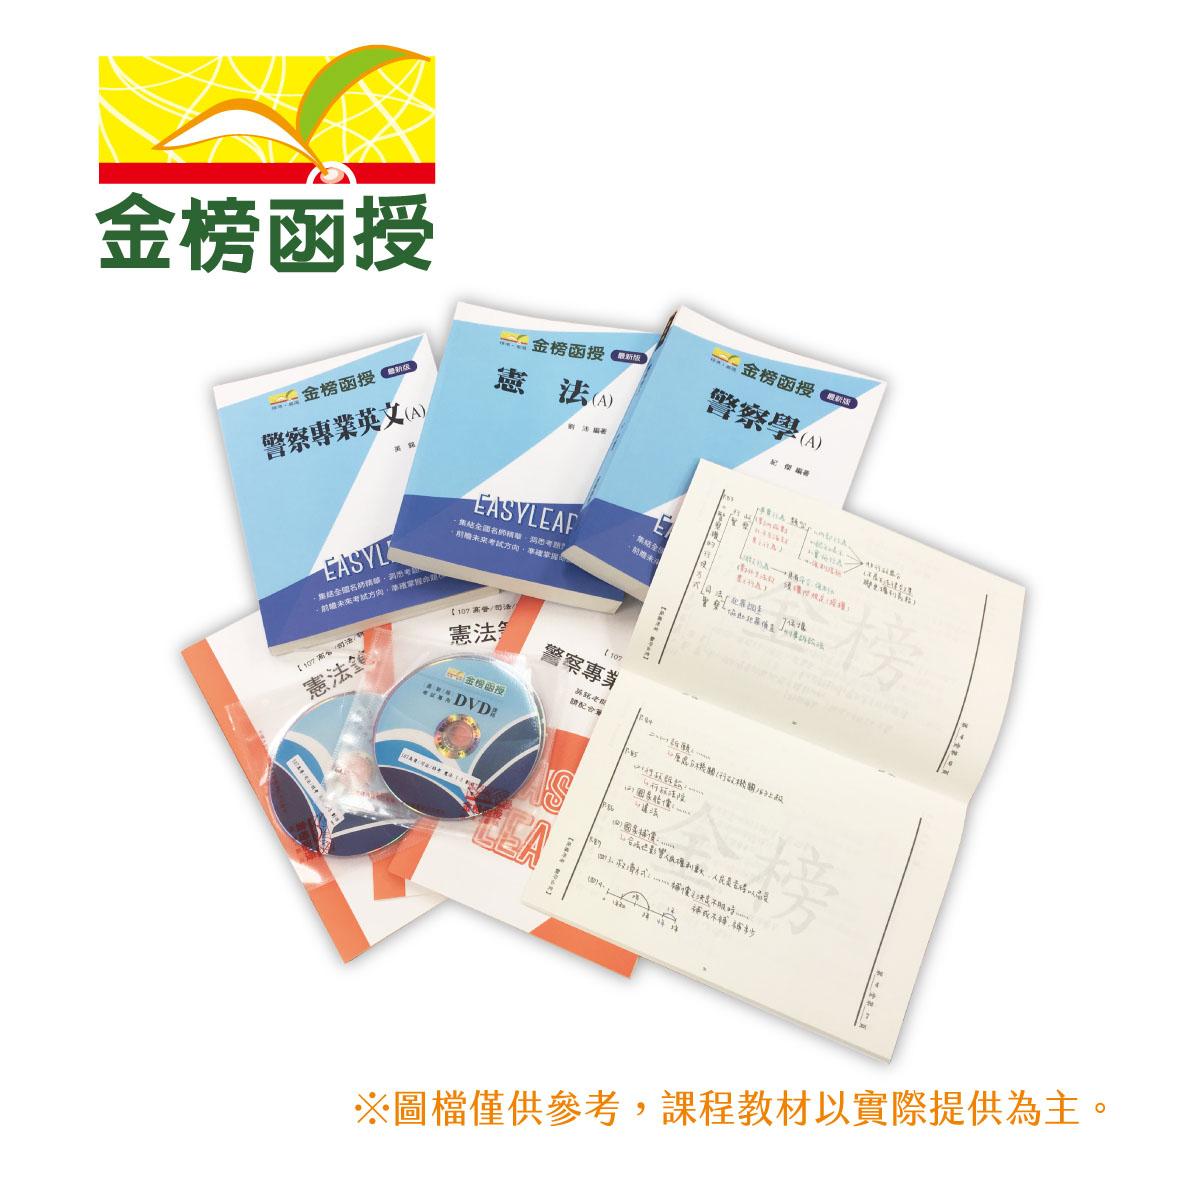 108金榜函授/高考三级/年度课程/全套/一般行政/云端/专业科目